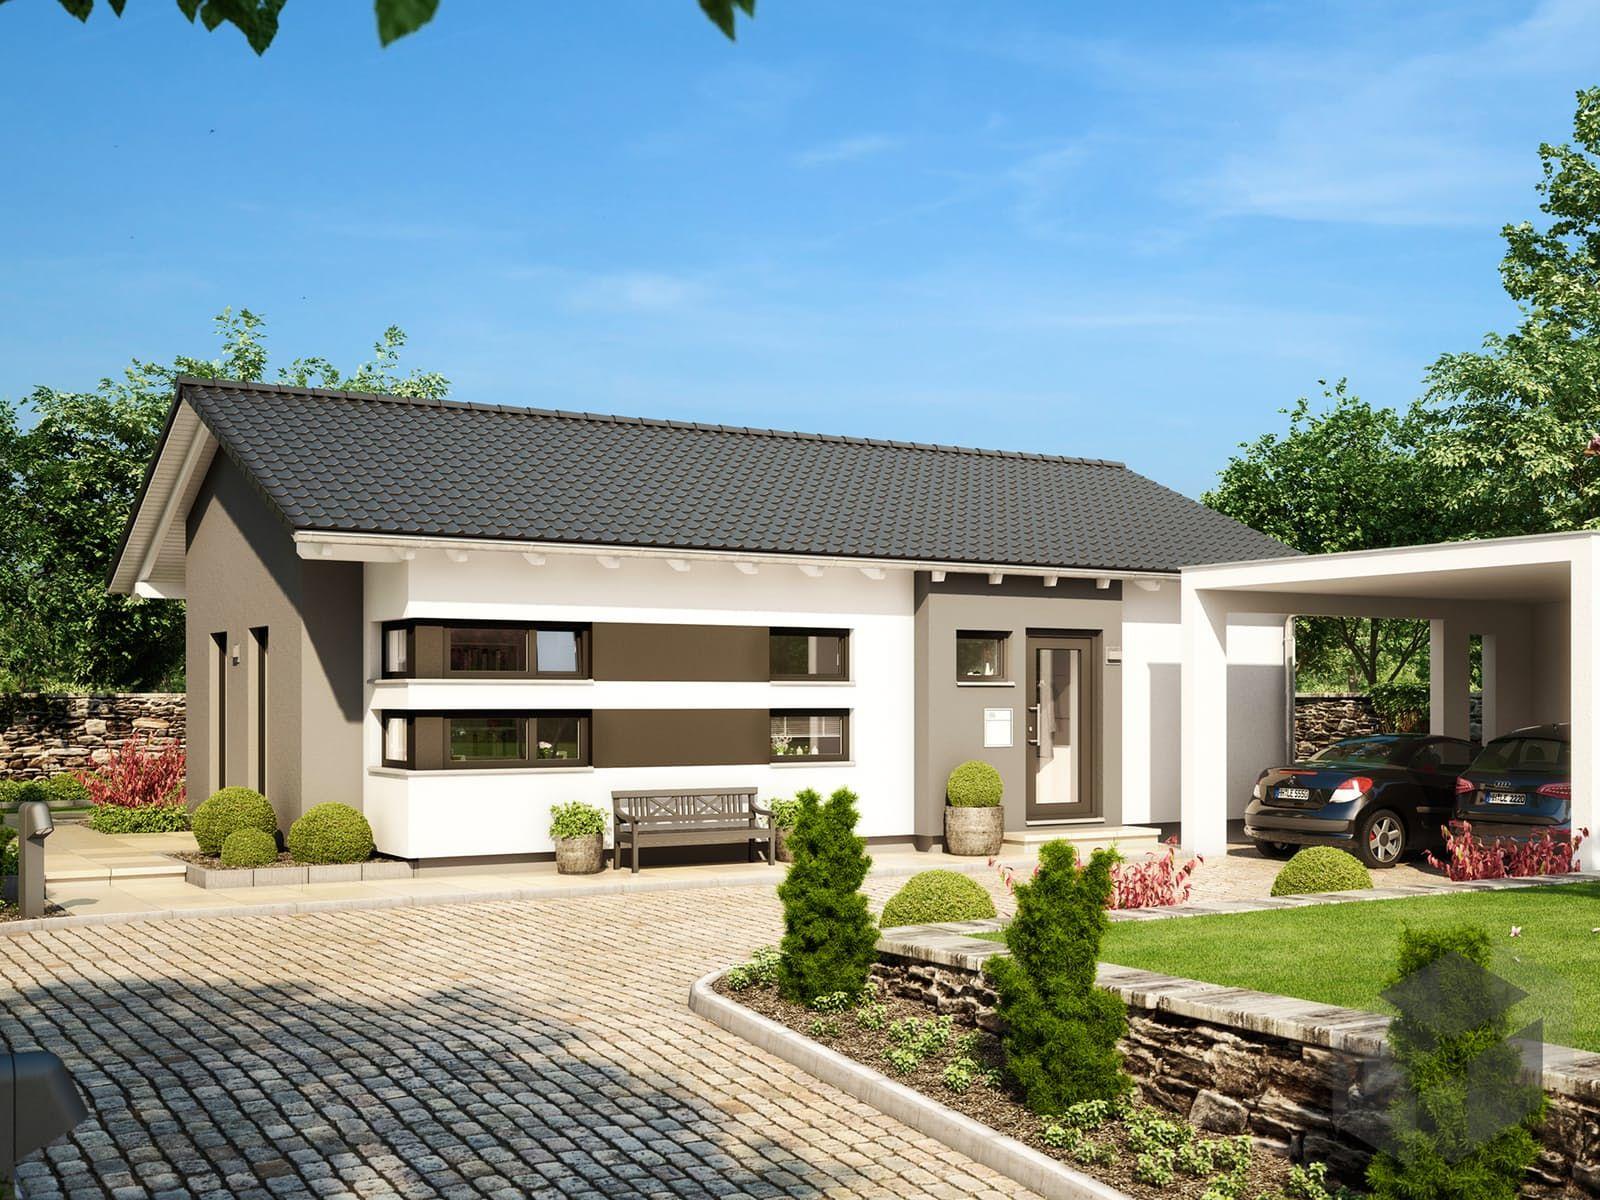 Solution 87 V3 Von Living Haus Alle Haustypen Beste Ubersicht Getesteter Anbieter Traumhaus Finden Und Viel In 2020 Fertighaus Bungalow Living Haus Okal Haus